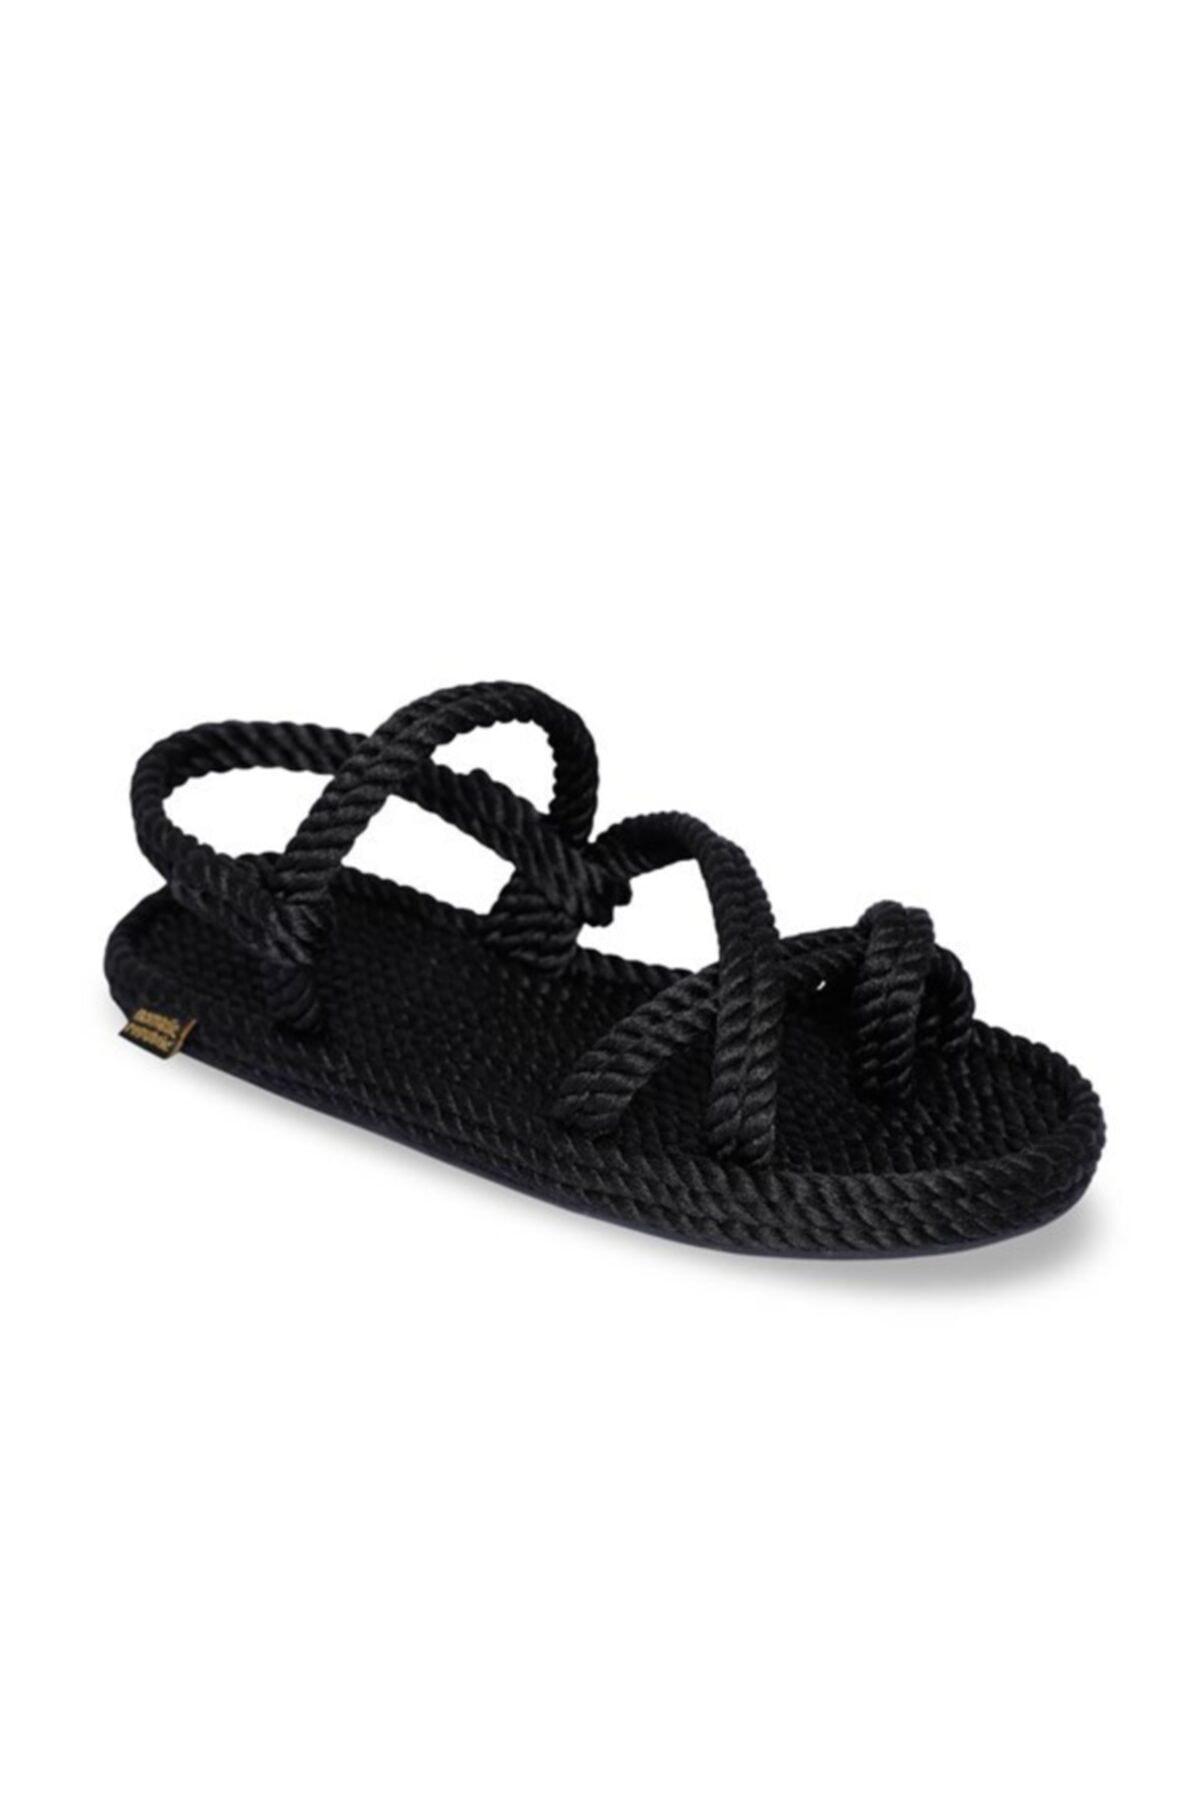 Nomadic Republic Capri Kauçuk Tabanlı Kadın Halat Sandalet Siyah 2